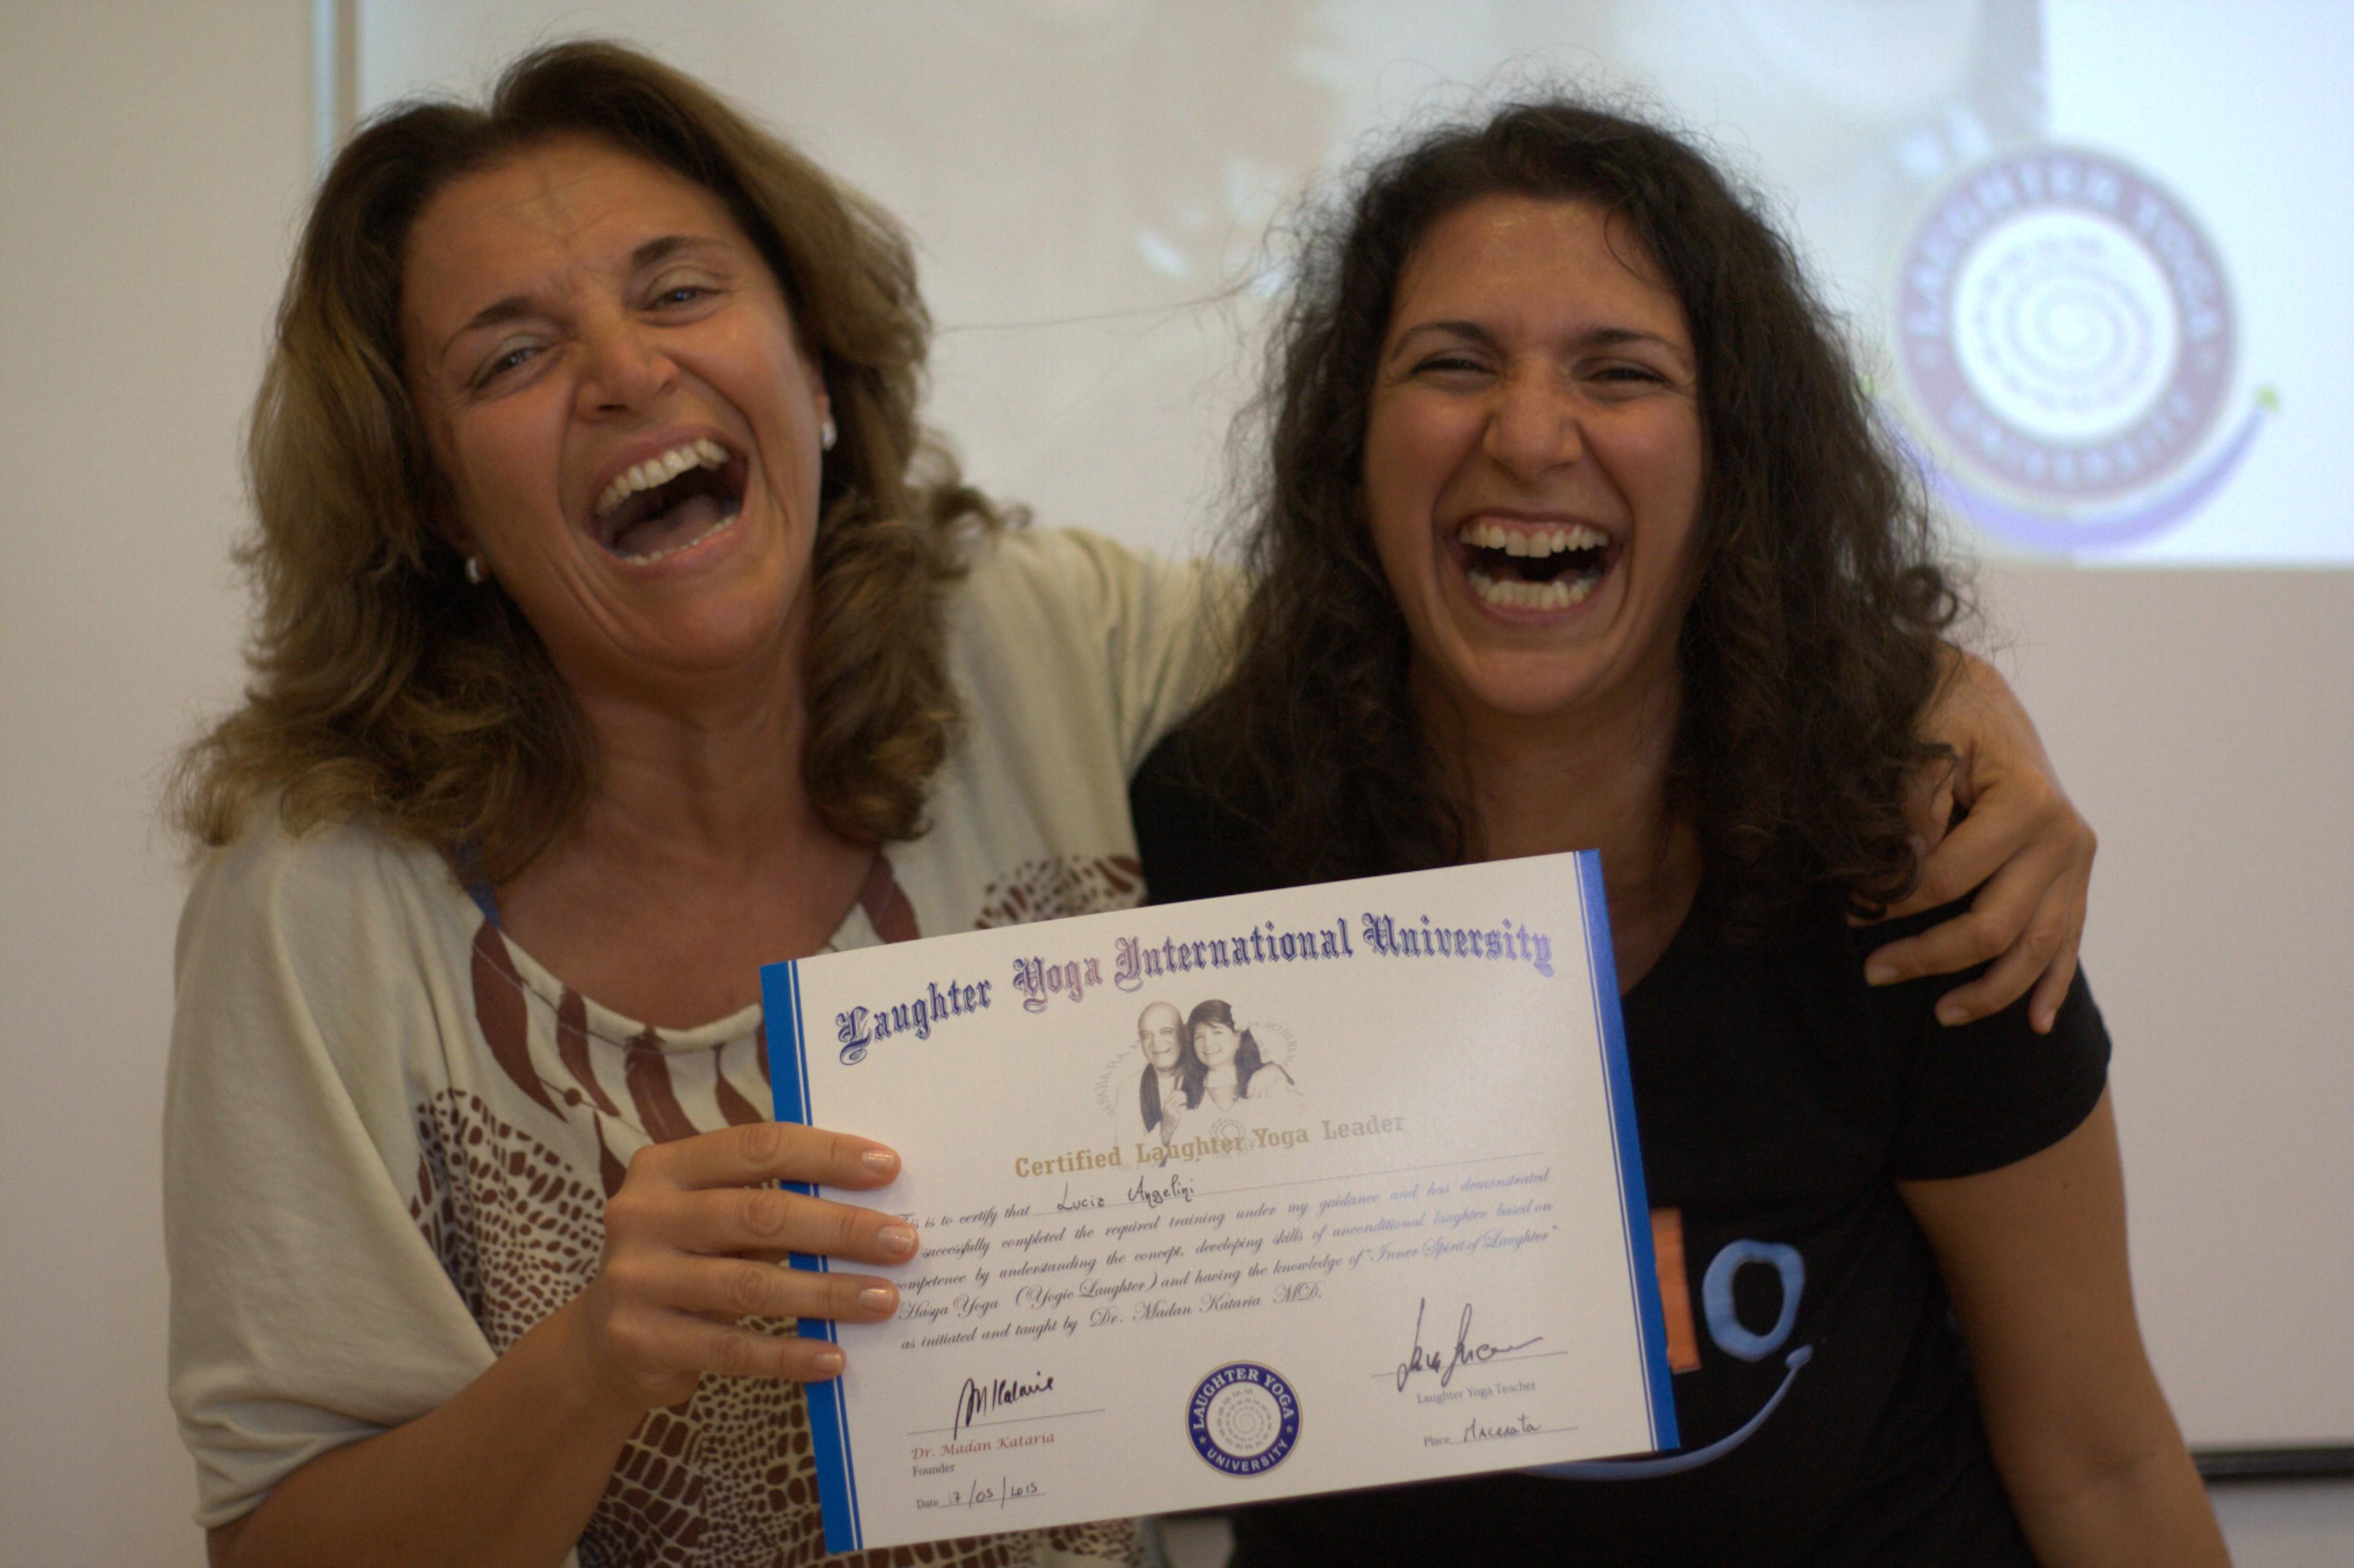 Ernia iatale, resflusso gastroesofageo e Yoga della Risata: niente più medicine grazie alla risata